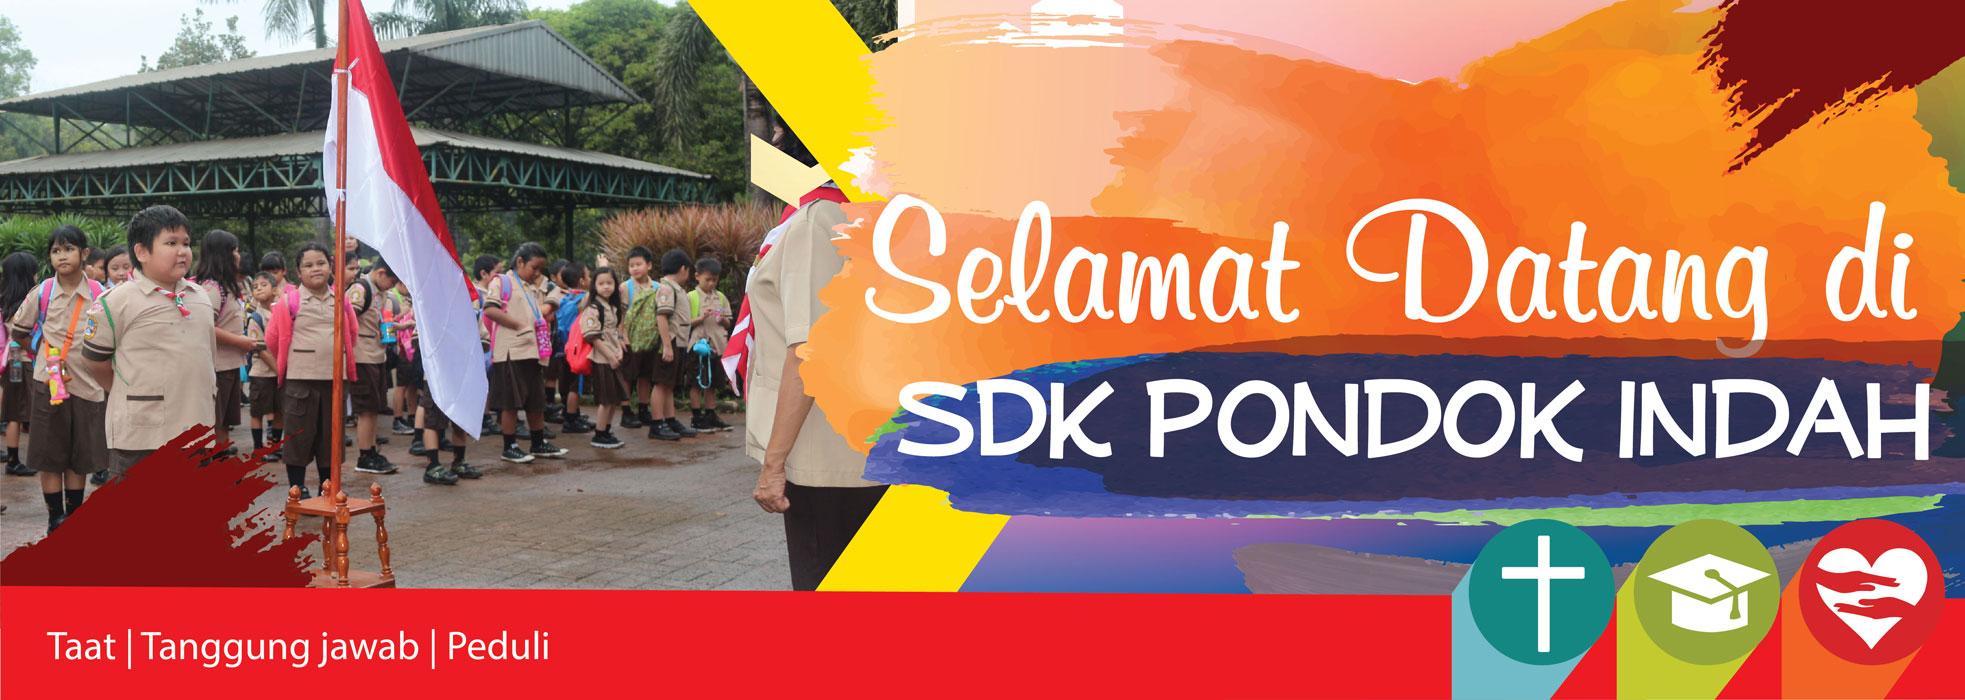 banner-header-SDK-Pi